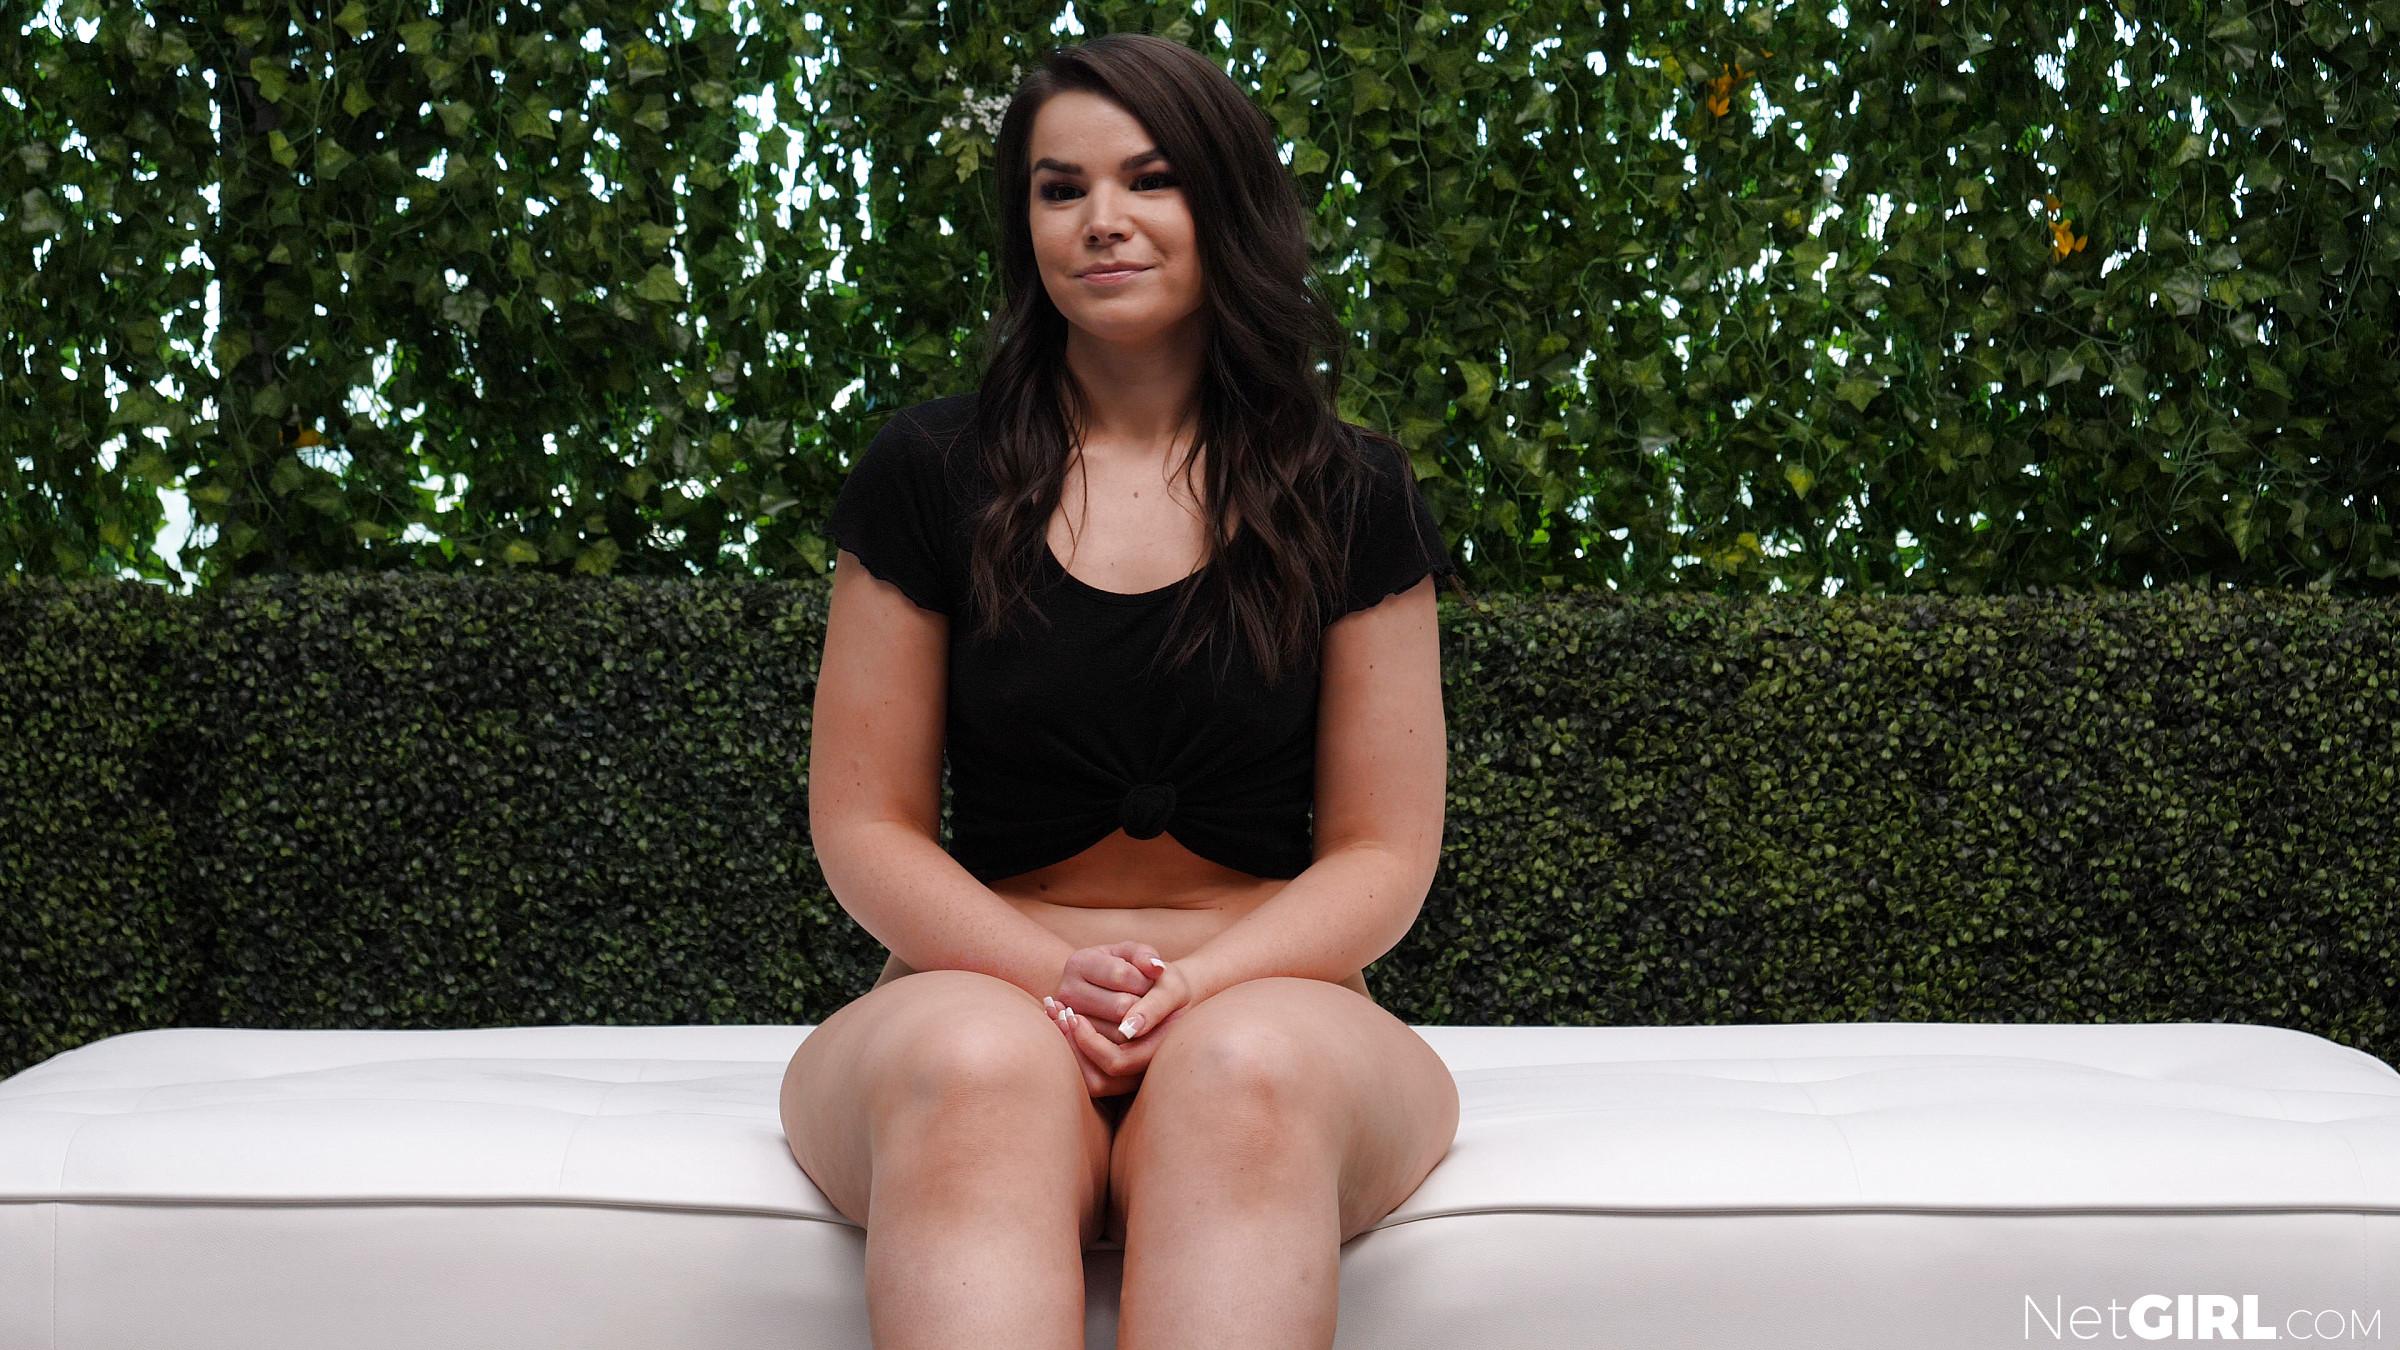 Gemma Bubble Butt Net Girl / Hotty Stop